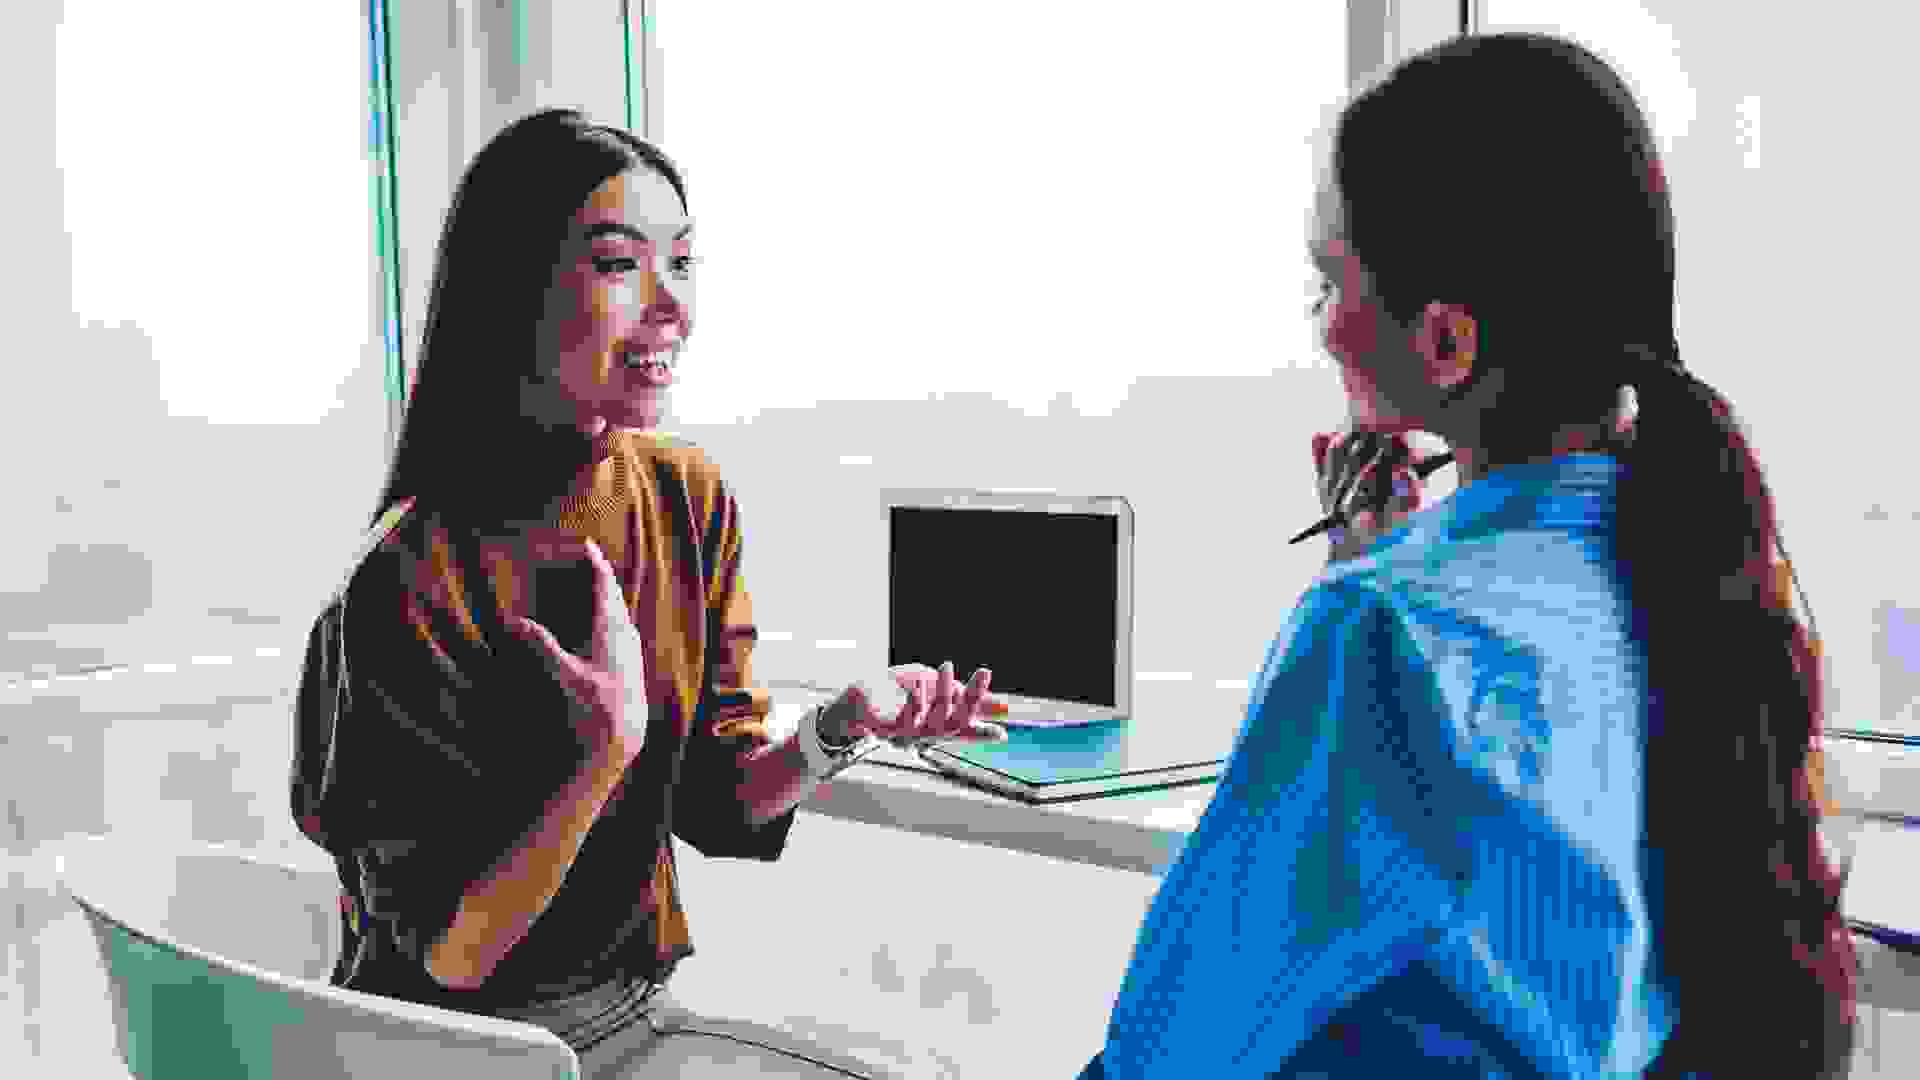 إظهار الاهتمام بالشخص المسؤول عن إجراء المقابلة